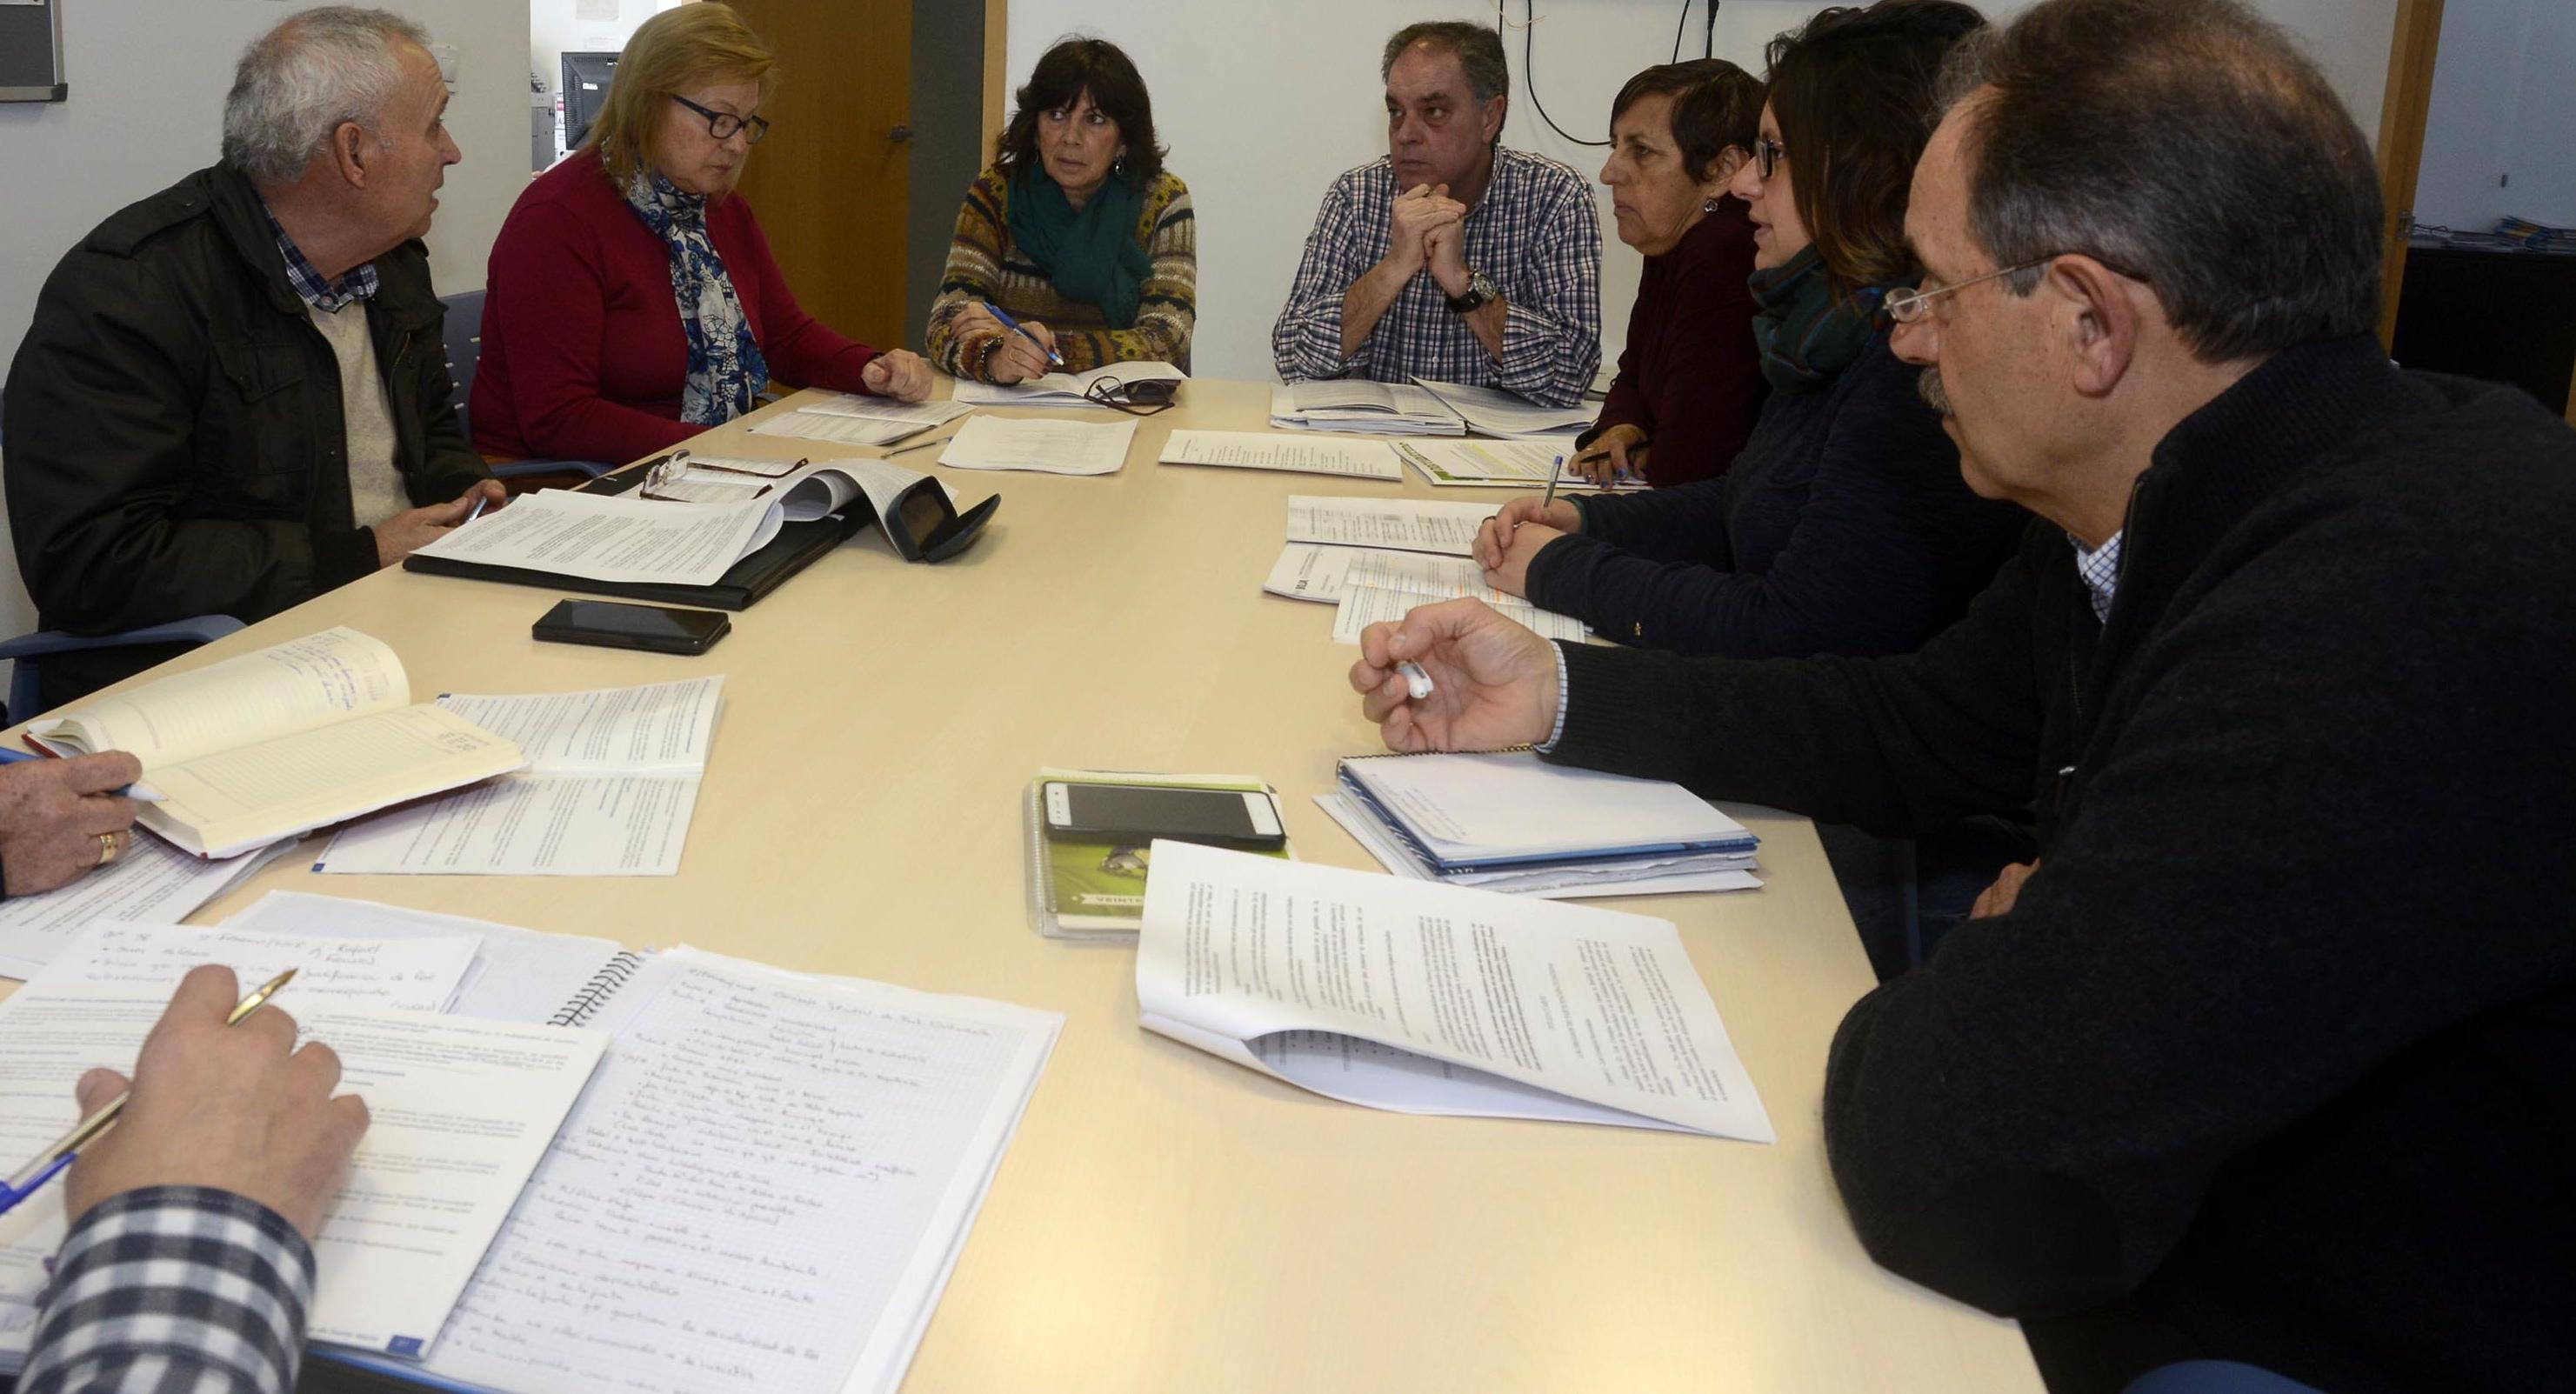 Nueva sesi n de trabajo en el puerto sobre el reglamento de participaci n ciudadana el mira - Trabajo en el puerto ...